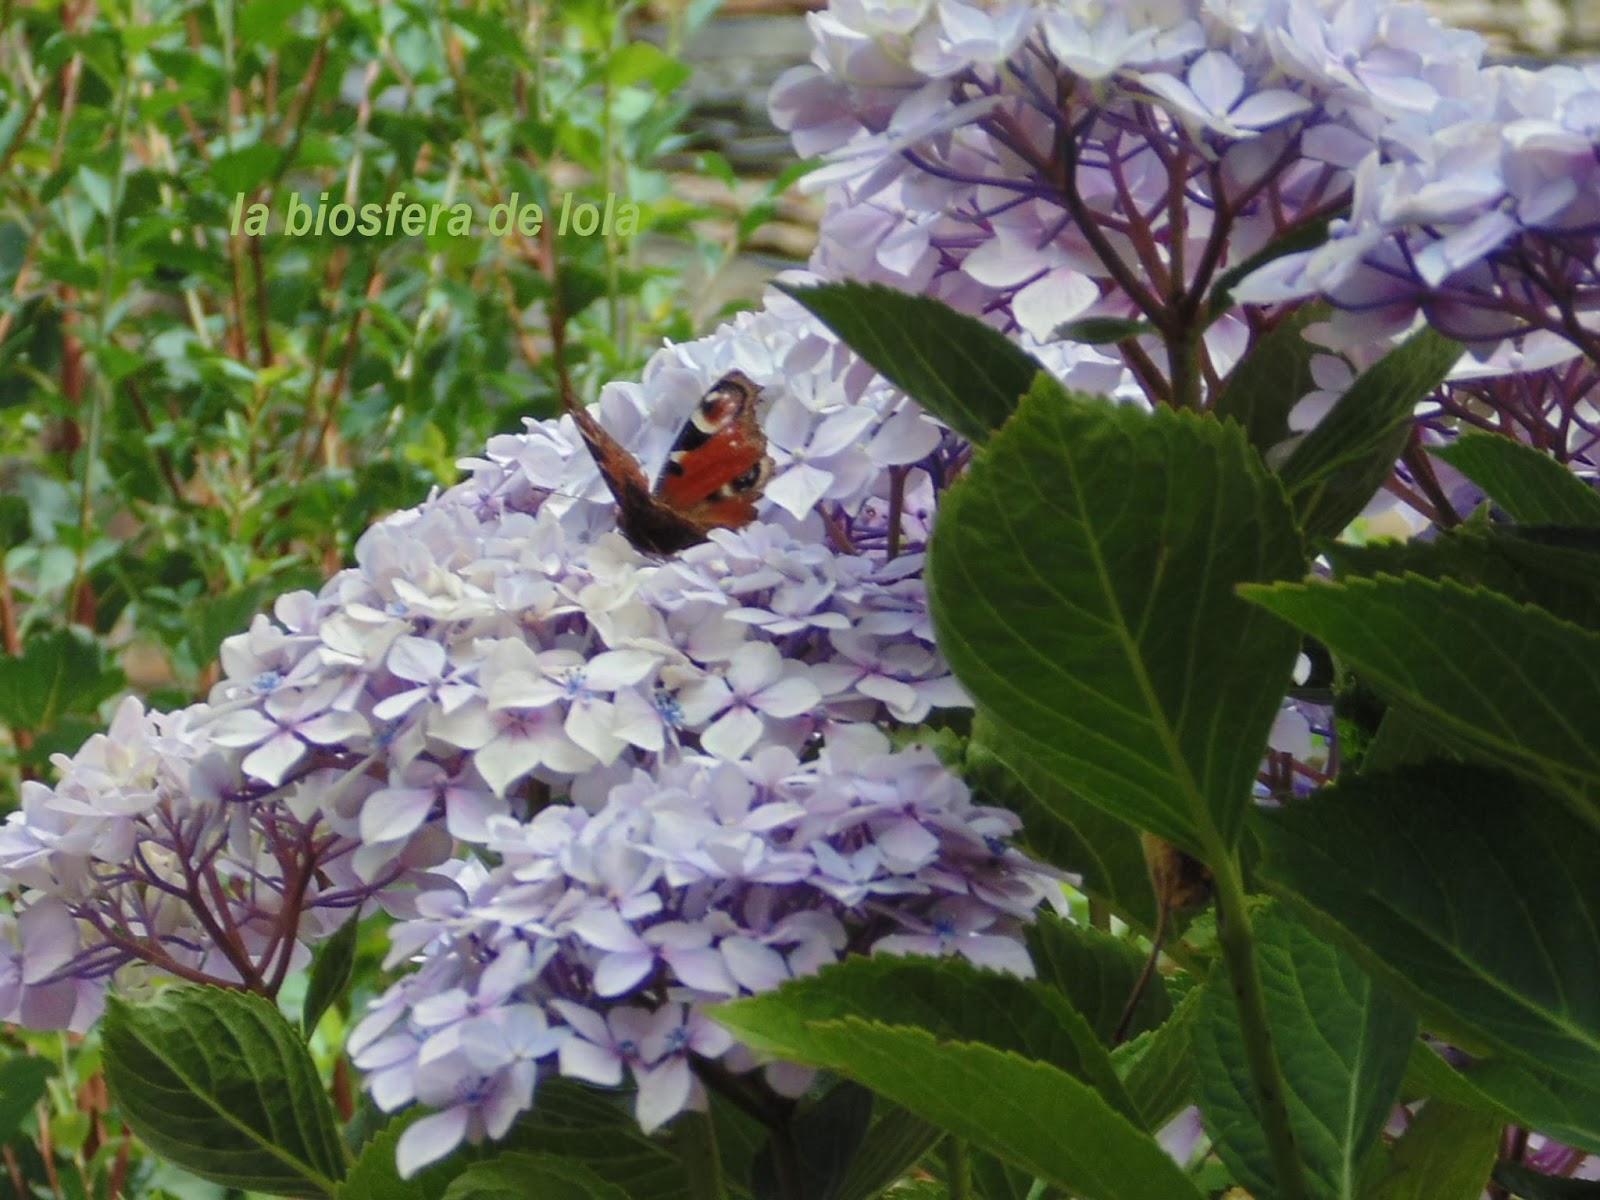 La biosfera de lola hortensias en el jard n de lola - El jardin de lola ...